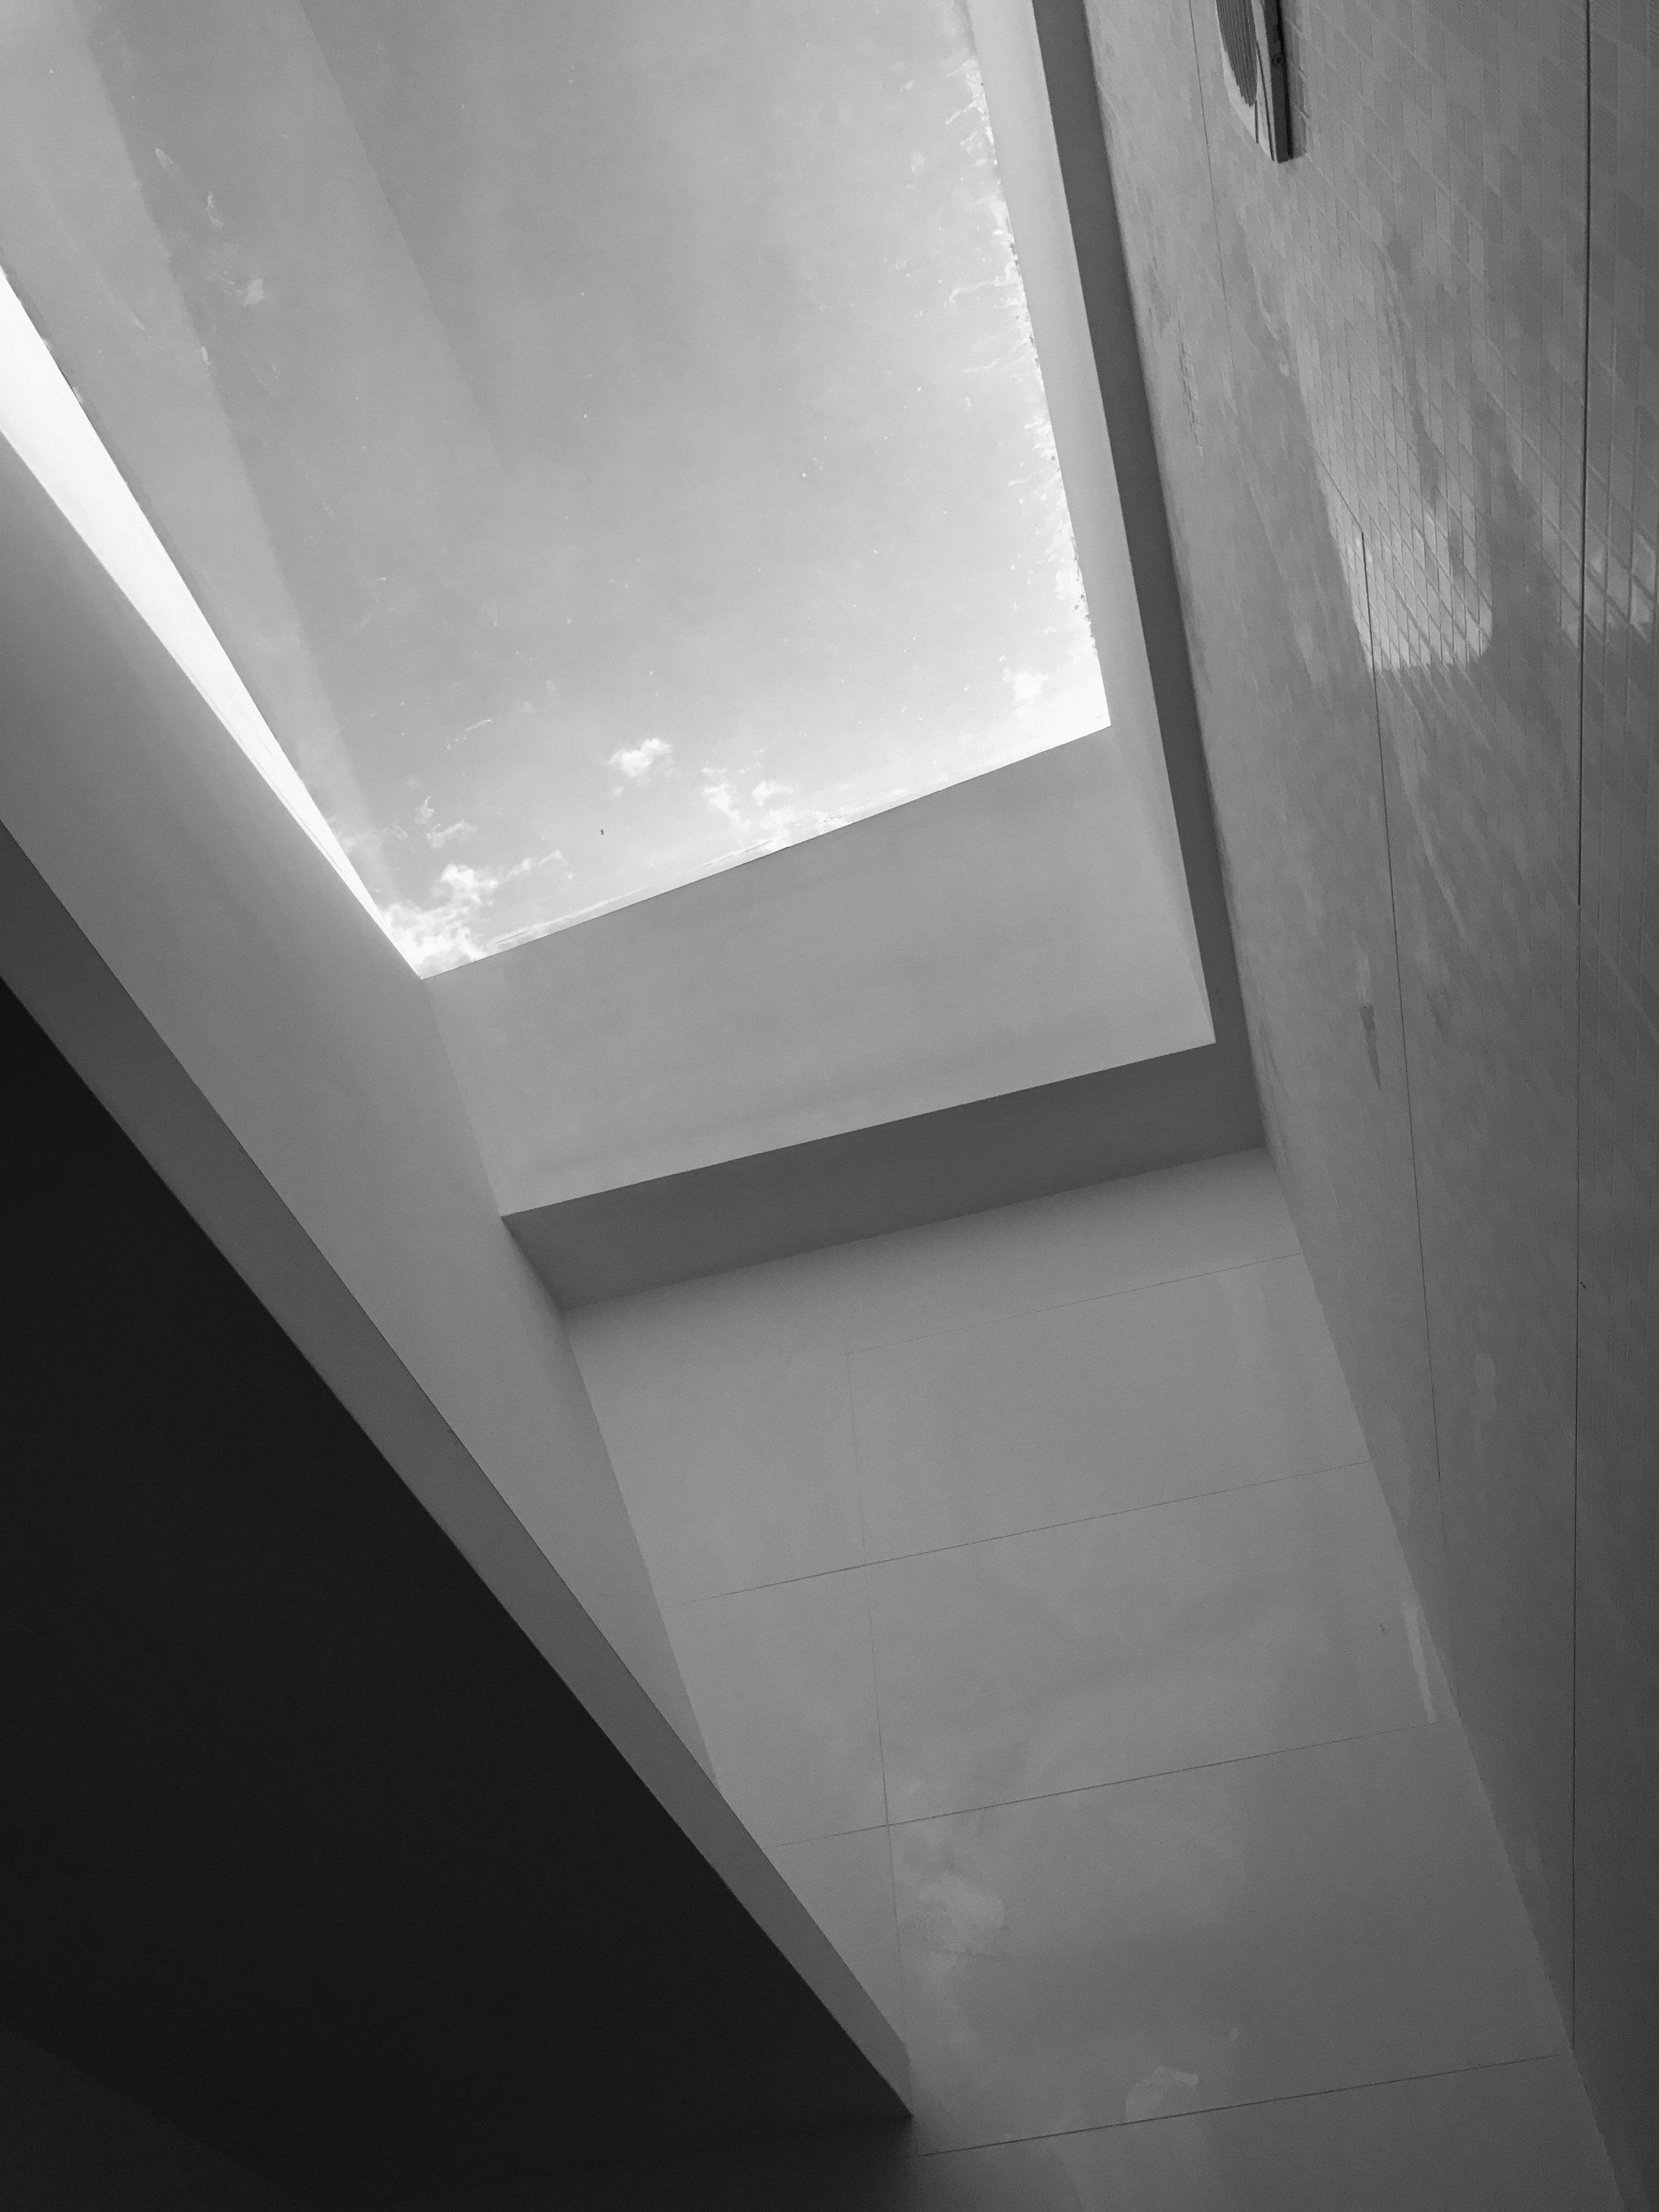 Moradia S+N - arquitectura - arquitectos - porto - oliveira de azemeis - construção - projecto - eva evolutionary architecture (10).jpg